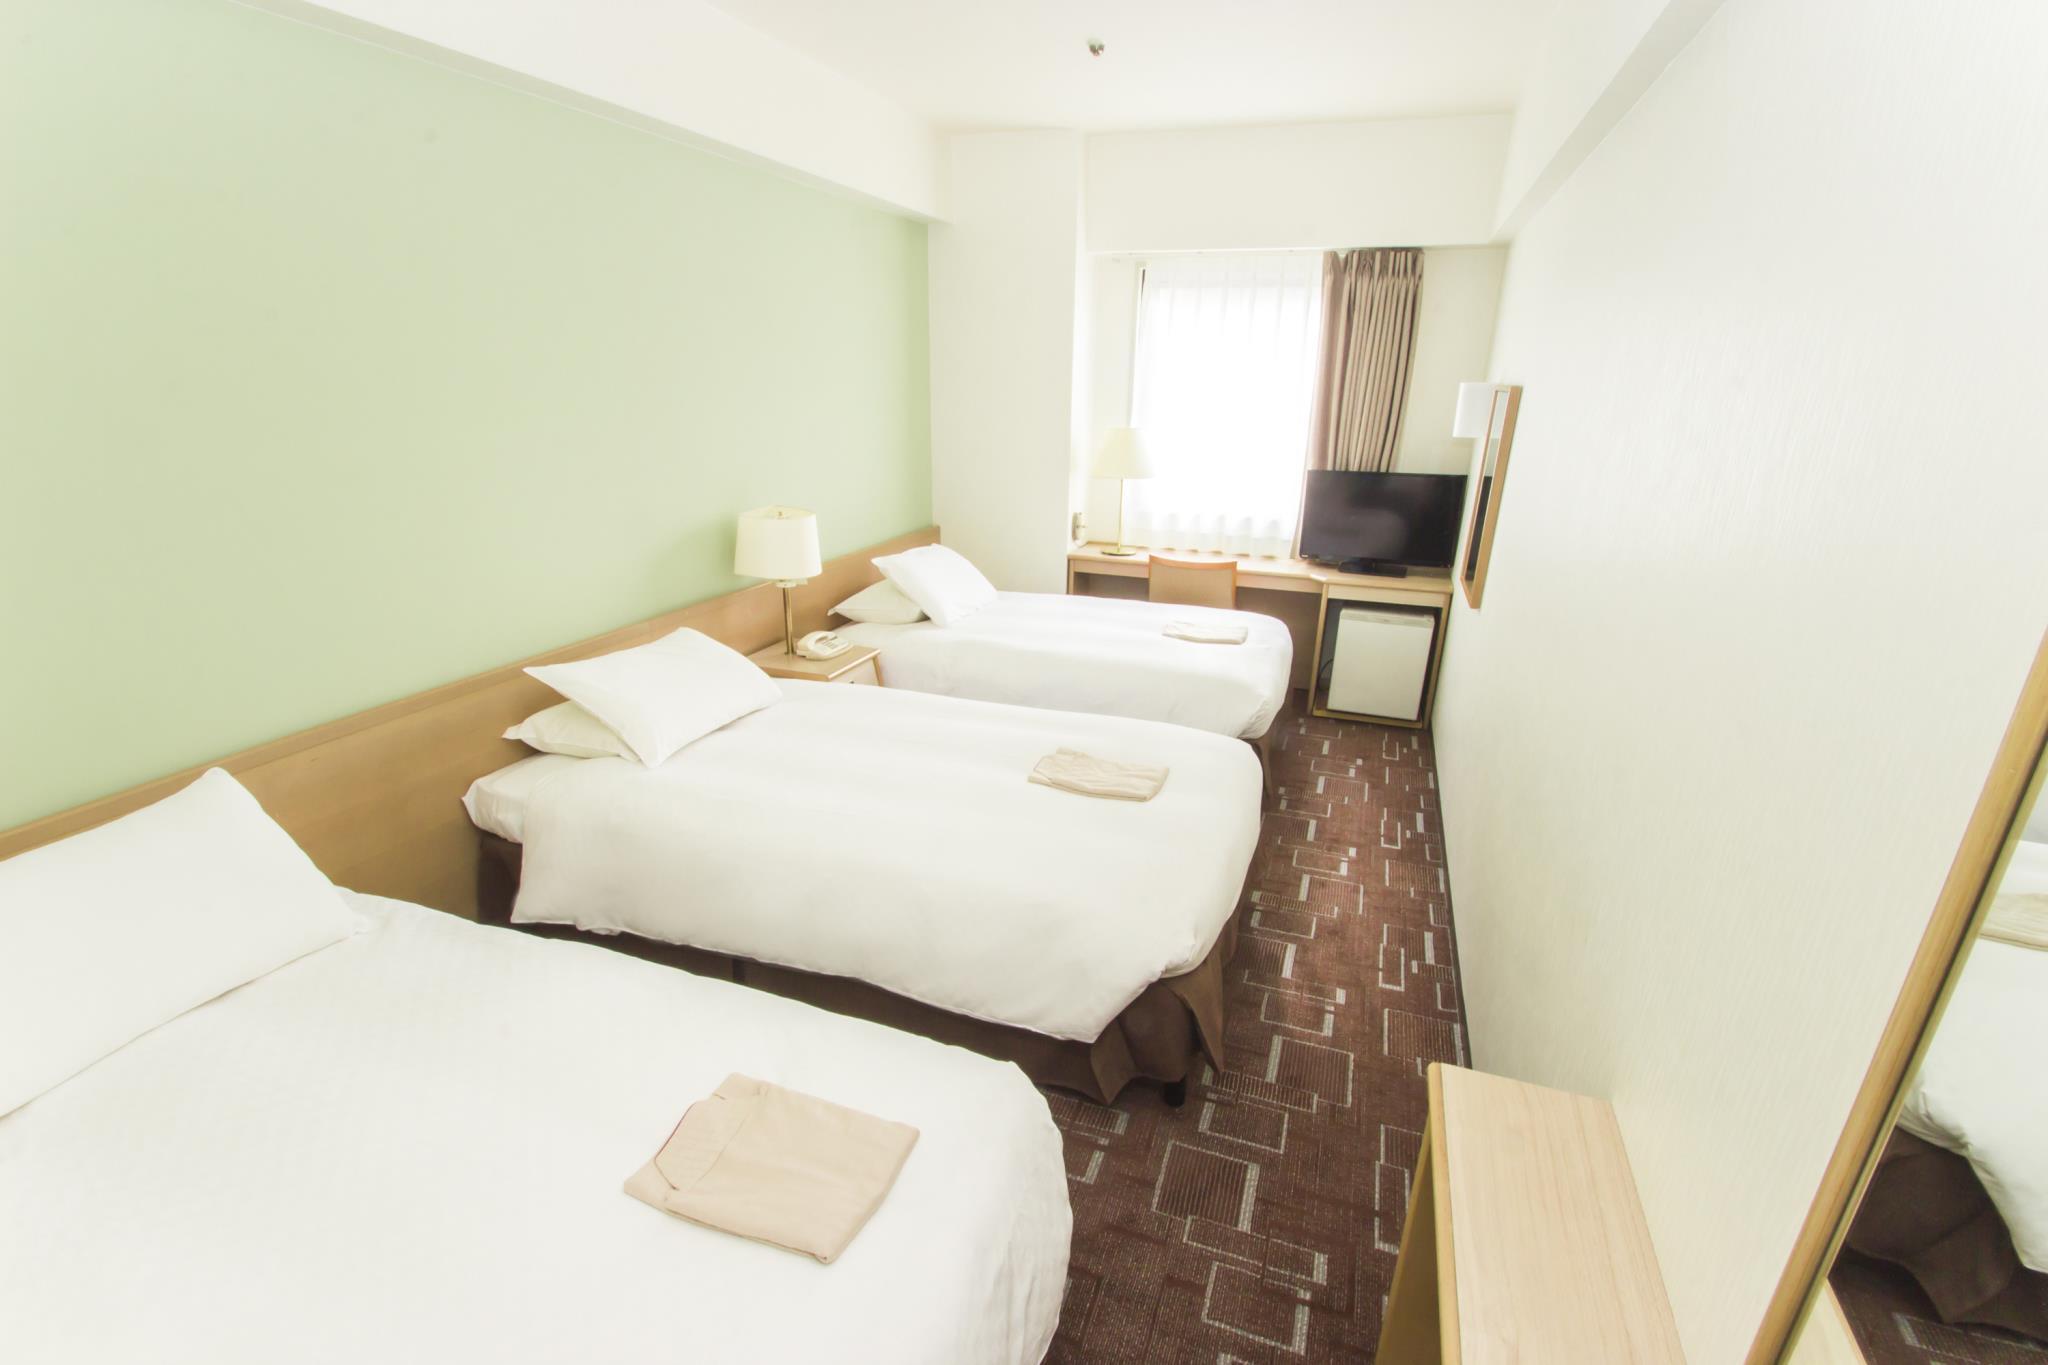 大阪心齋橋哈頓酒店 (Hearton Hotel Shinsaibashi) - Agoda 提供行程前一刻網上即時優惠價格訂房服務